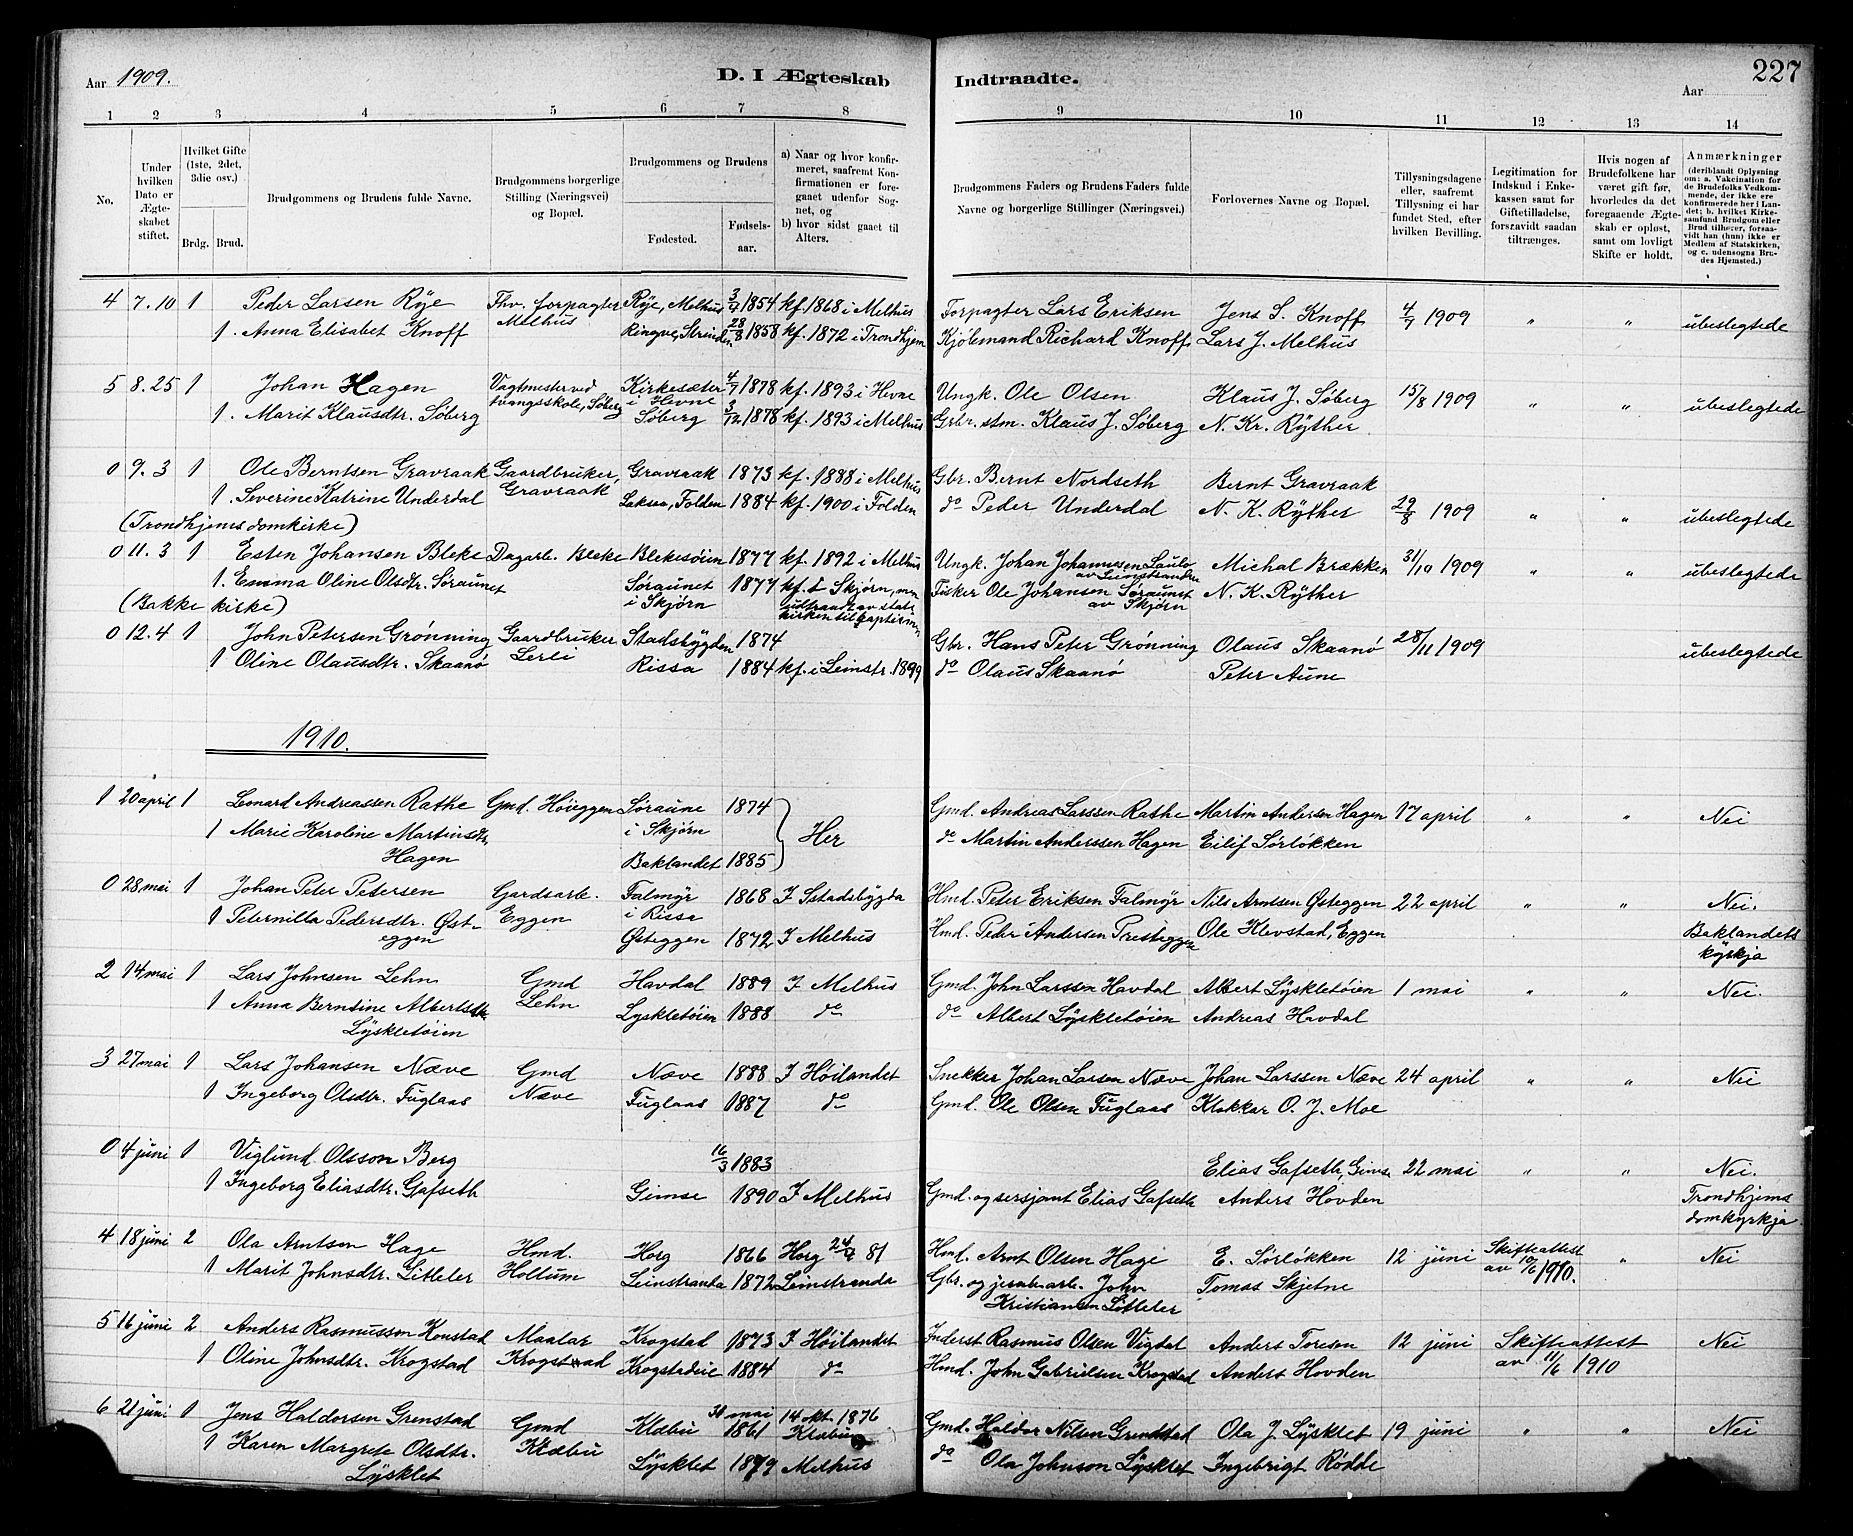 SAT, Ministerialprotokoller, klokkerbøker og fødselsregistre - Sør-Trøndelag, 691/L1094: Klokkerbok nr. 691C05, 1879-1911, s. 227